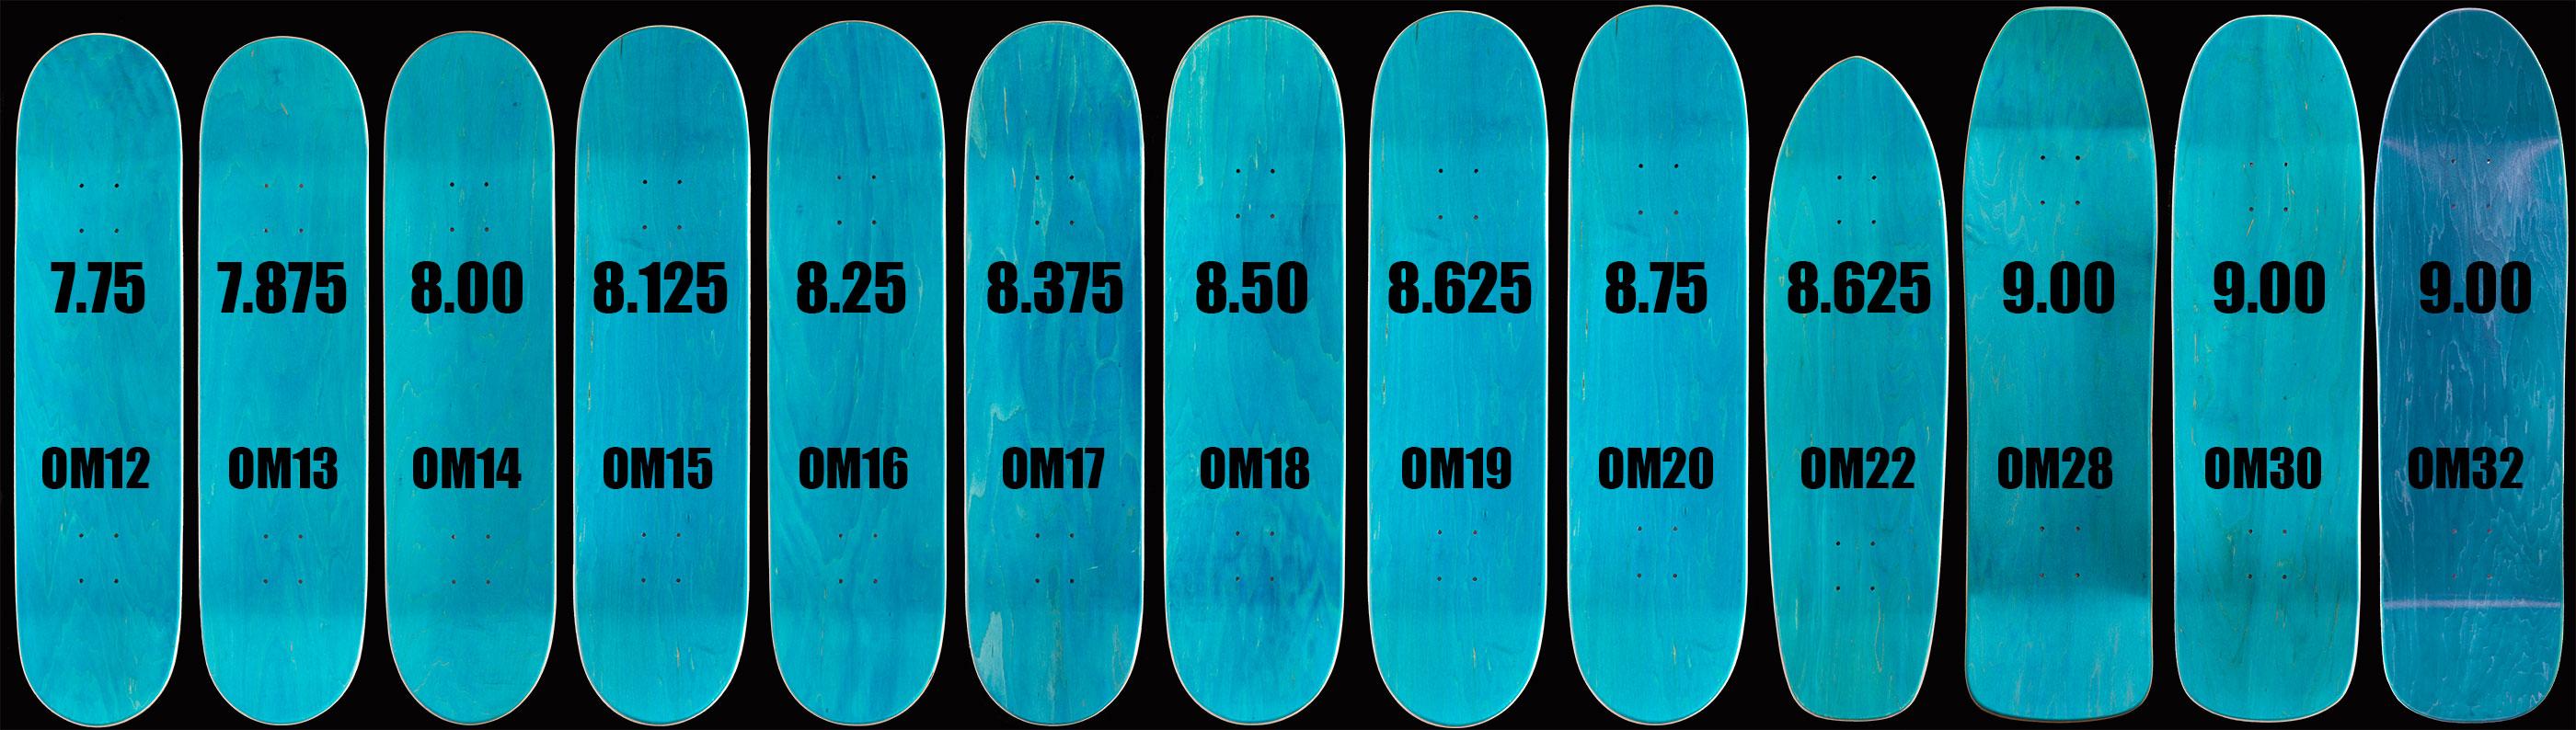 omni-board-range-2018-sml.jpg